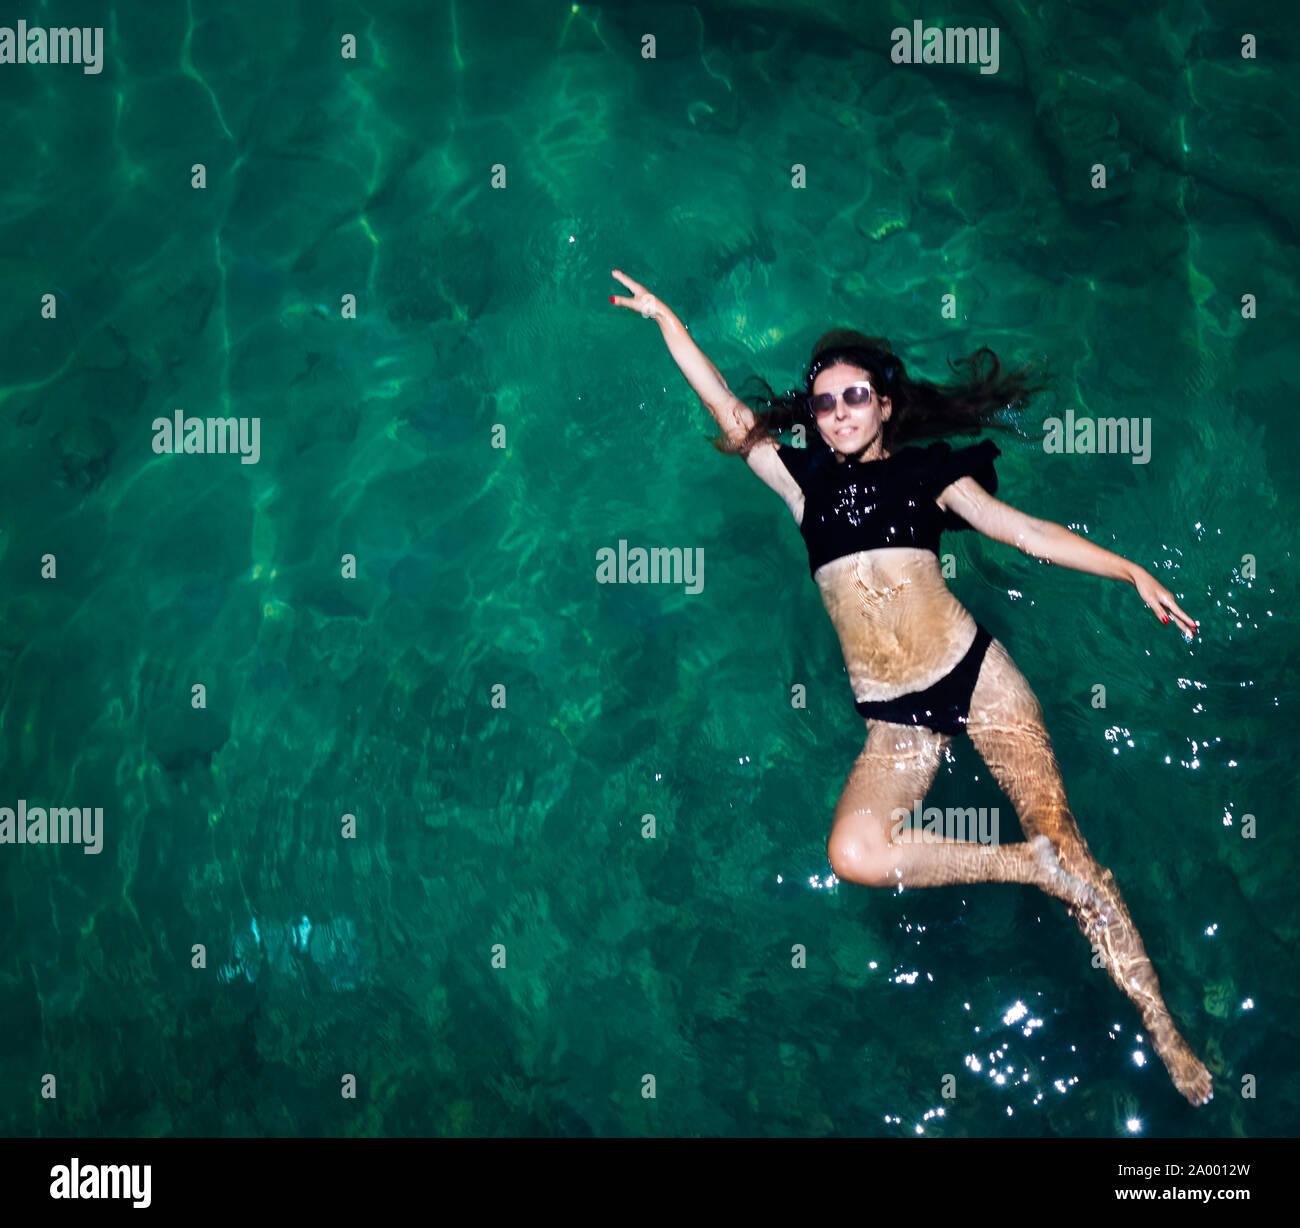 Vue aérienne d'une femme étoile dans la mer Banque D'Images